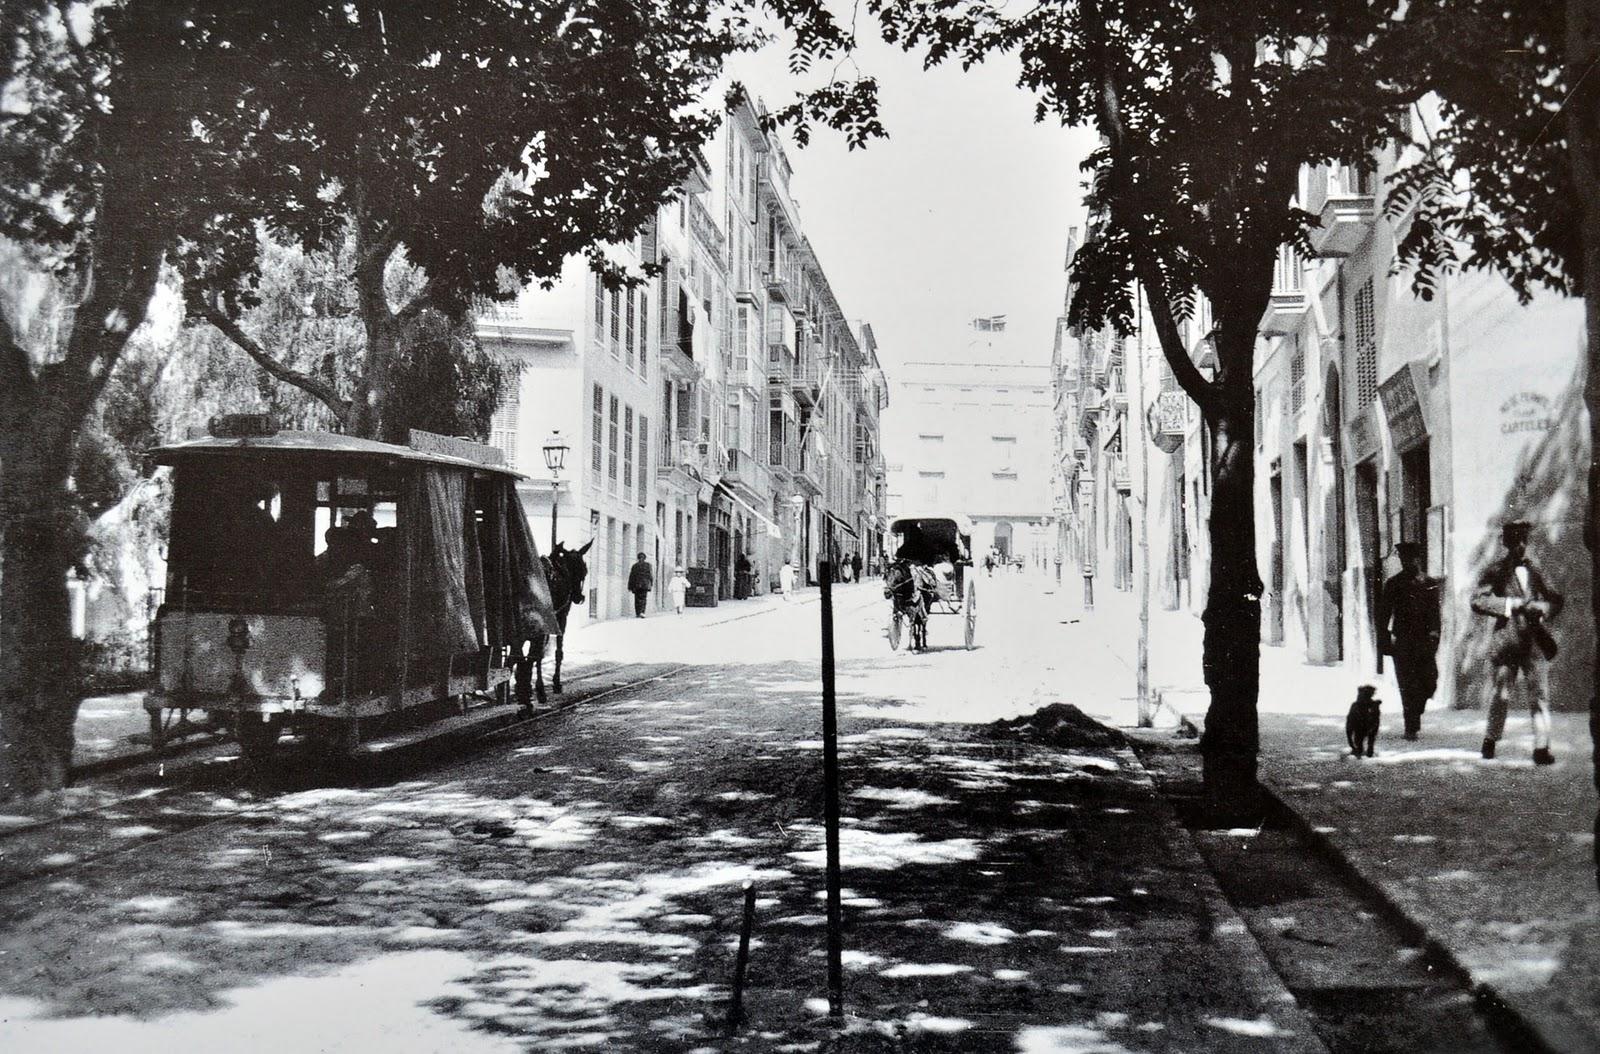 """Pohled zezadu na vůz koňky, resp. """"mulky"""", protože vozy byly tažené mulami. (zdroj: Wikipedia.org)"""